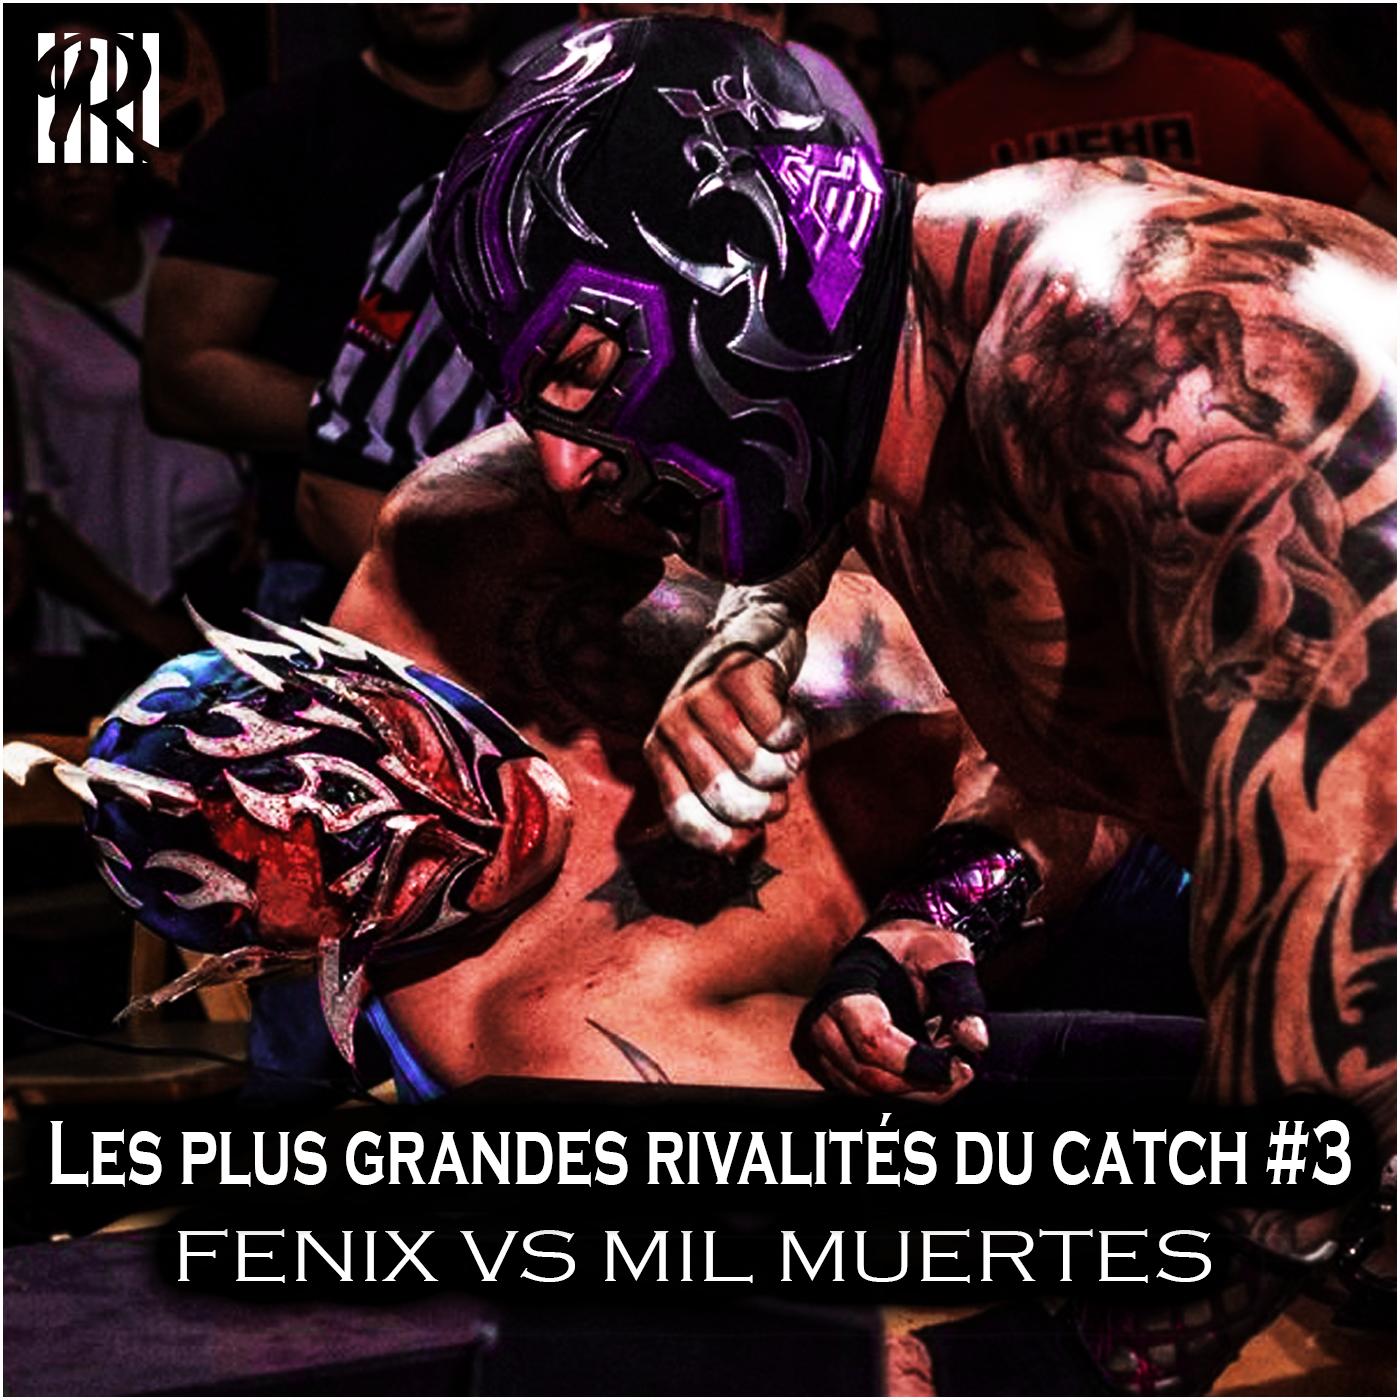 Les plus grandes rivalités du catch #3 Mil Muertes vs Fenix | Lucha Underground